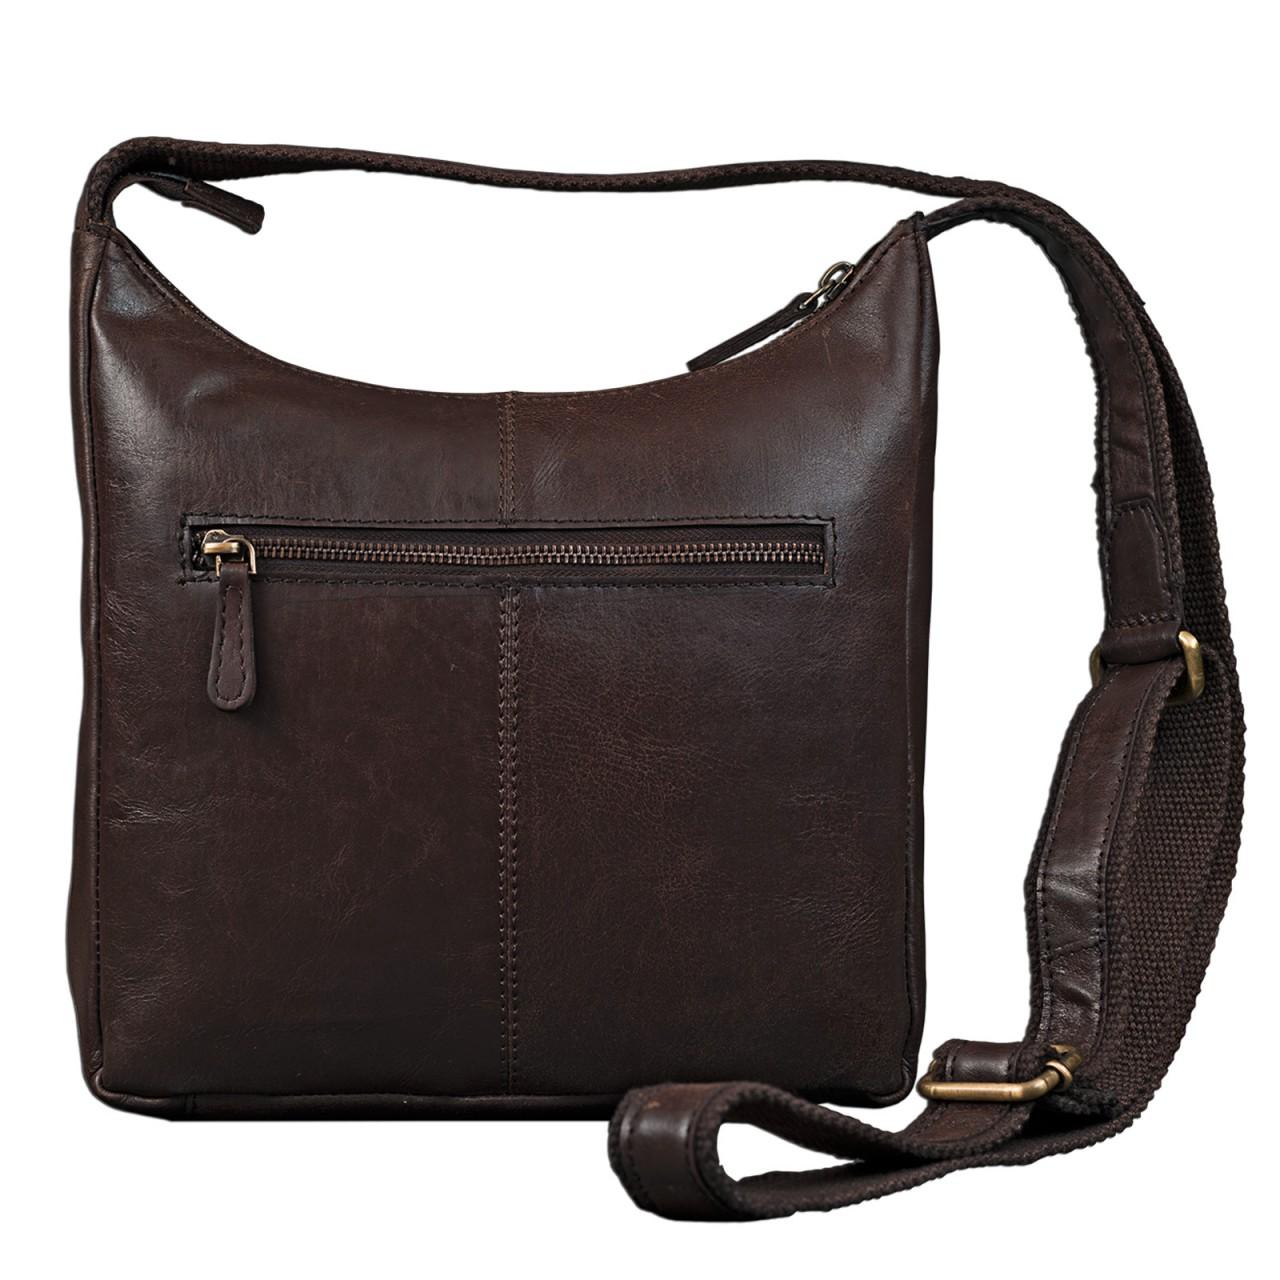 STILORD kleine Lederhandtasche Umhängetasche Vintage Handtasche mit verstellbarem Schulterriemen aus weichem Antik Leder Damen - Bild 18